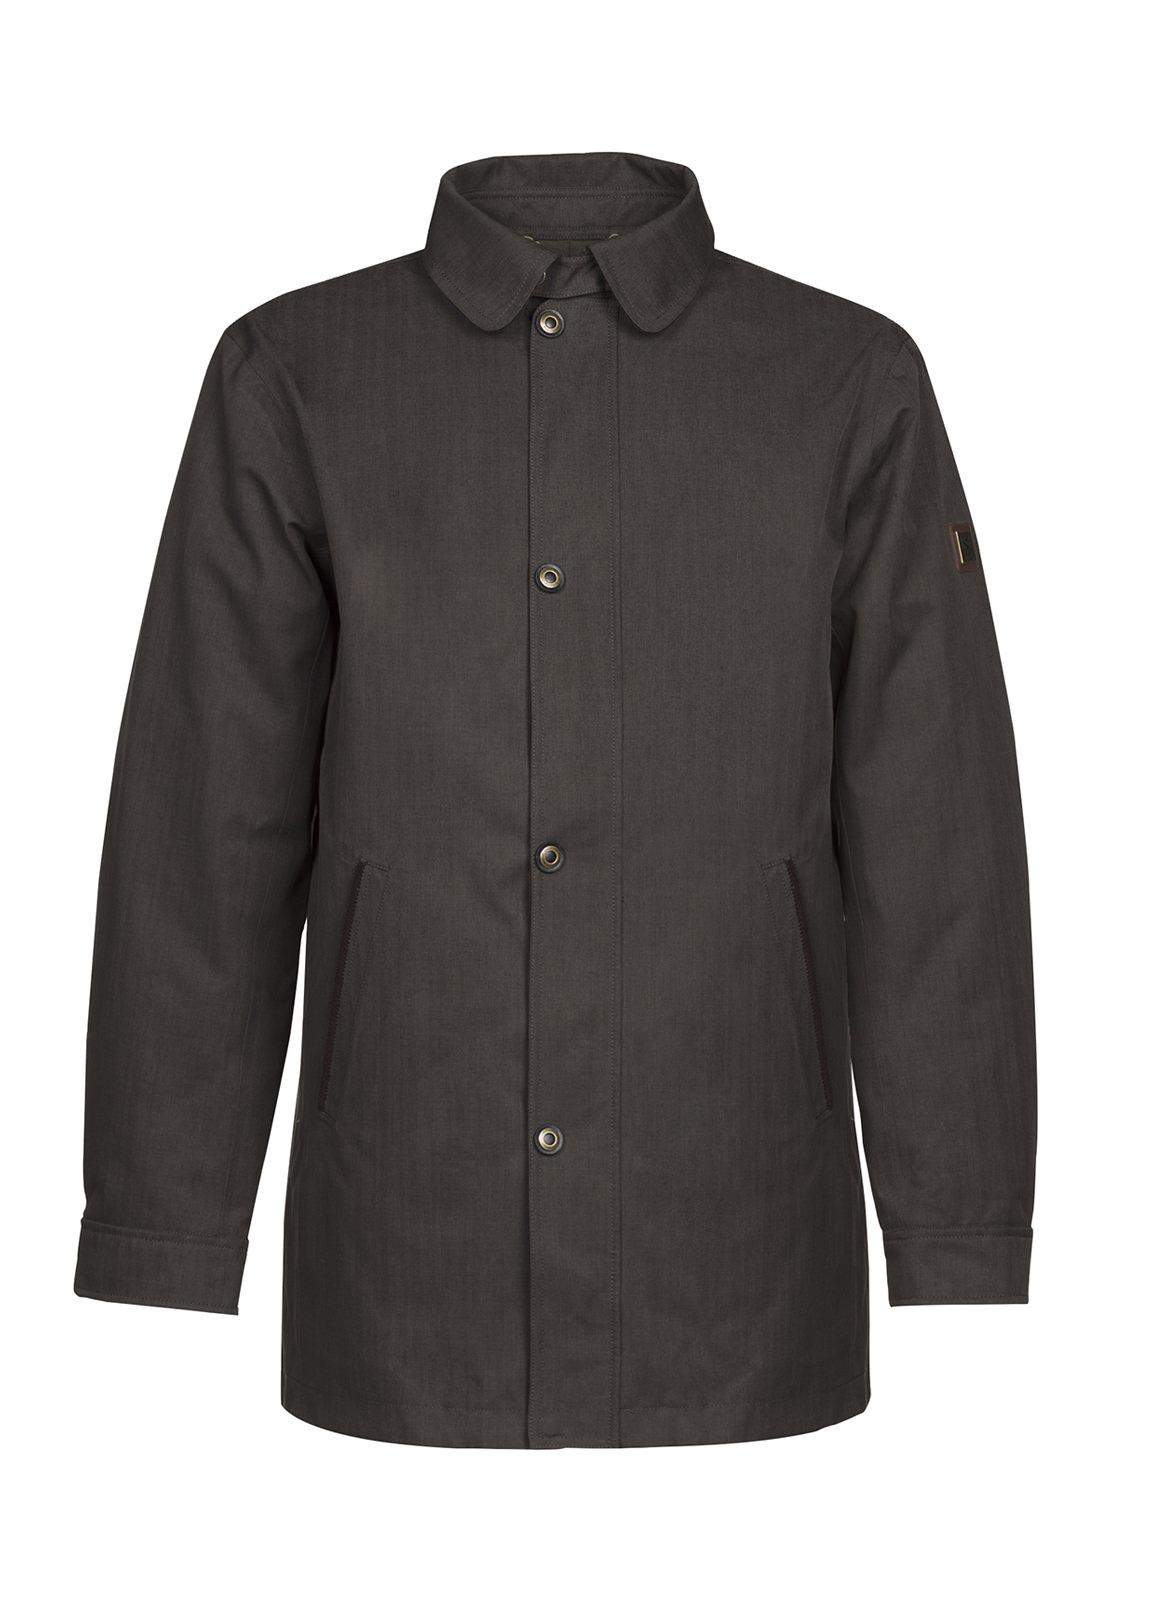 Dubarry_ Belturbet Overcoat - Verdigris_Image_2